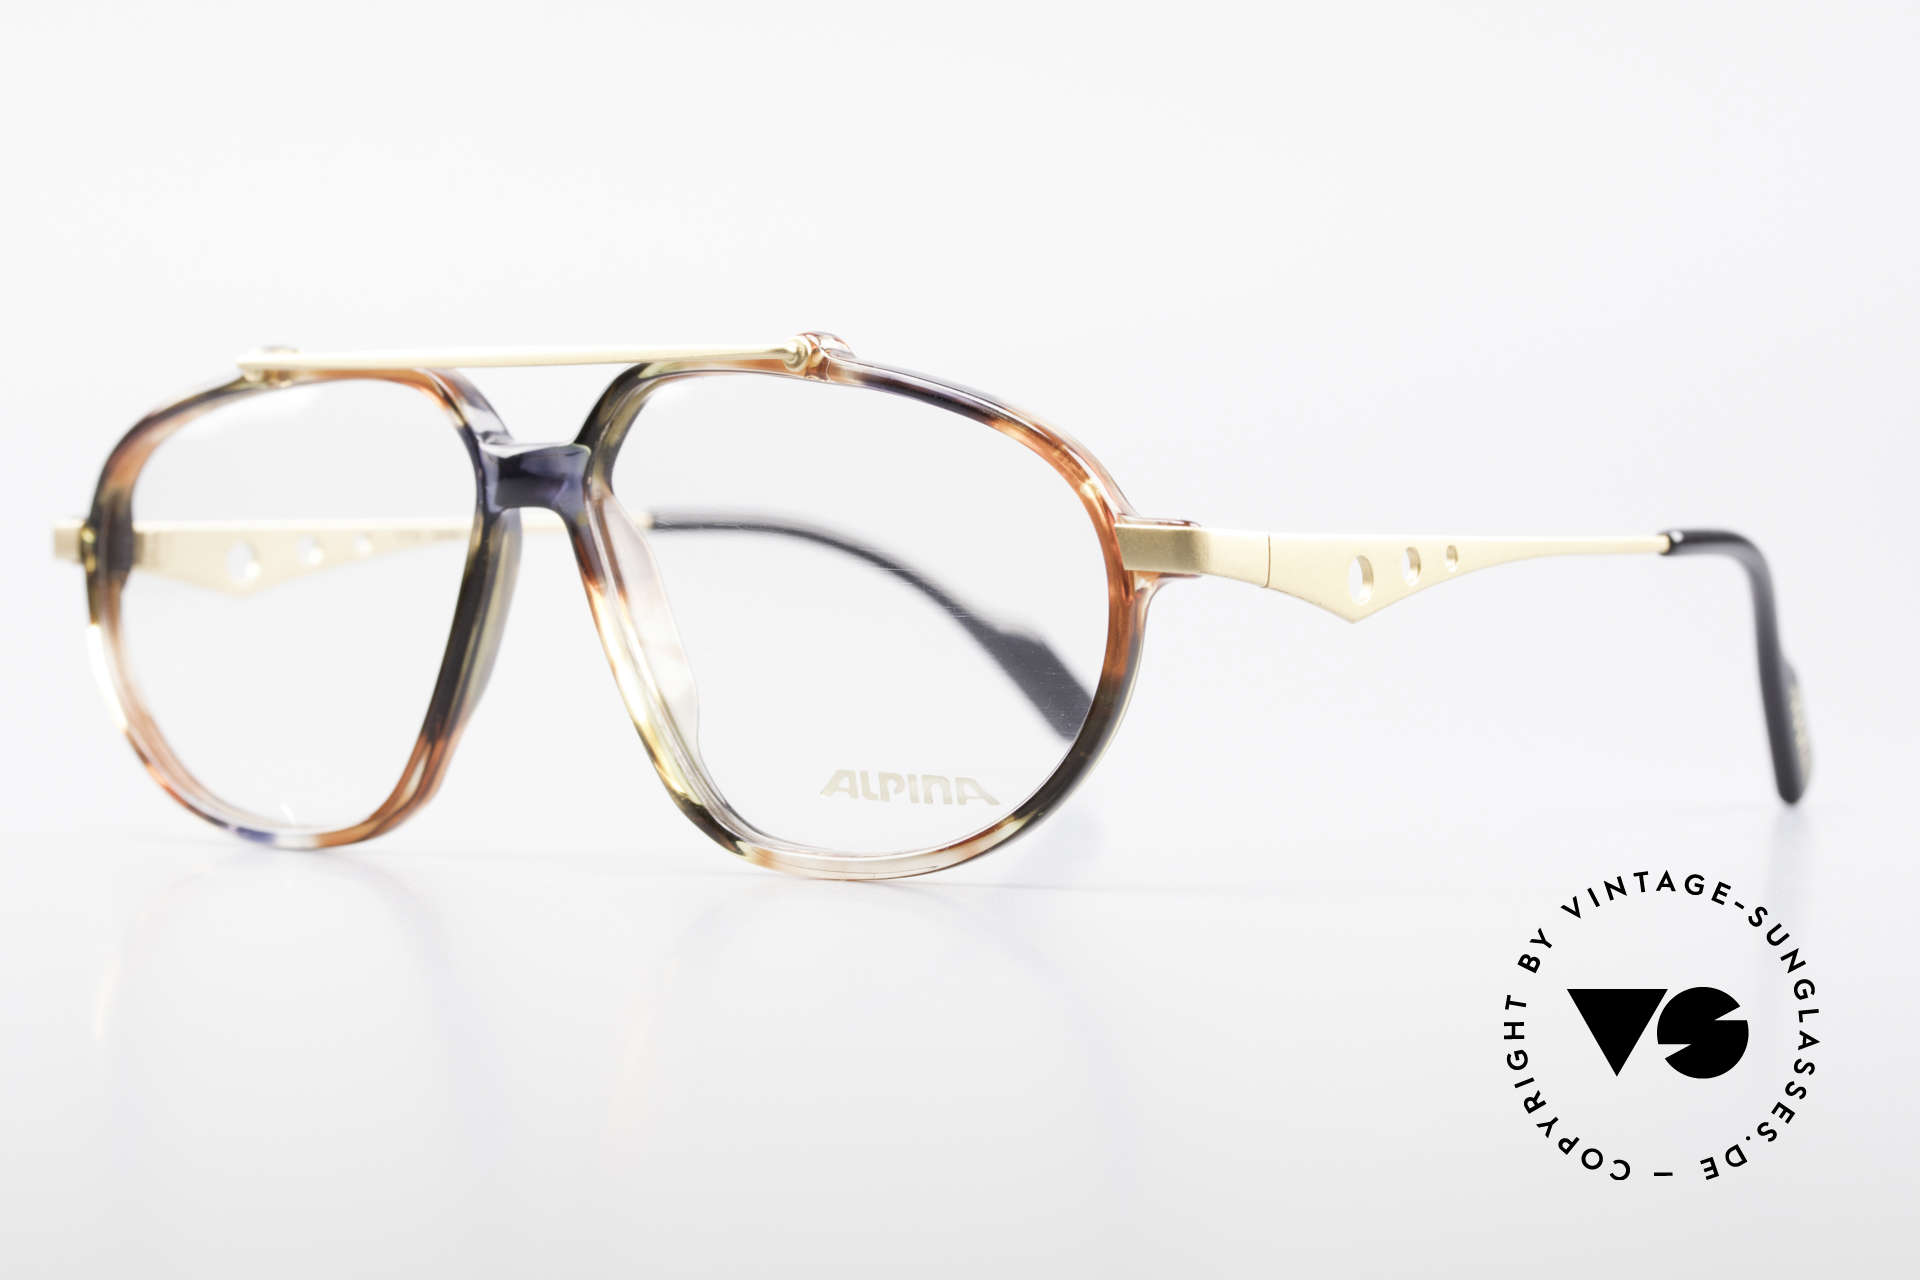 Alpina TFF461 90er Designer Brille Herren, außergewöhnliche Form (mal etwas ganz anderes), Passend für Herren